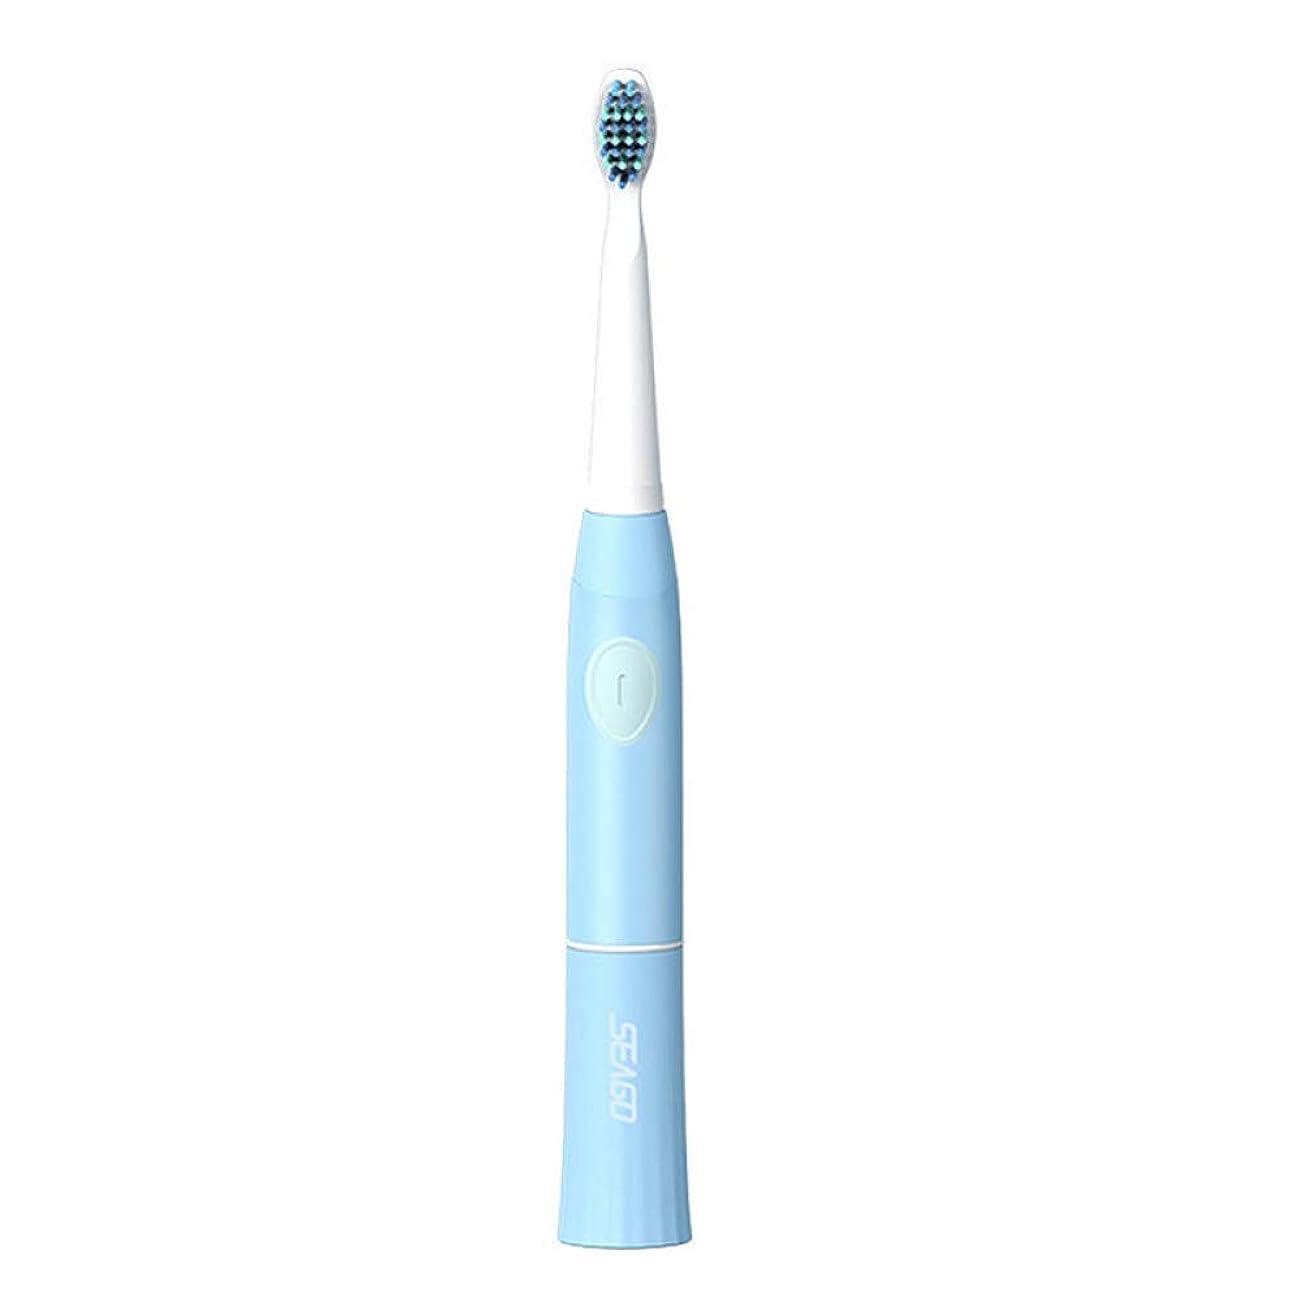 防水電動歯ブラシ充電式電子歯ブラシソニックヘッド大人タイマー歯ブラシ、ブルー